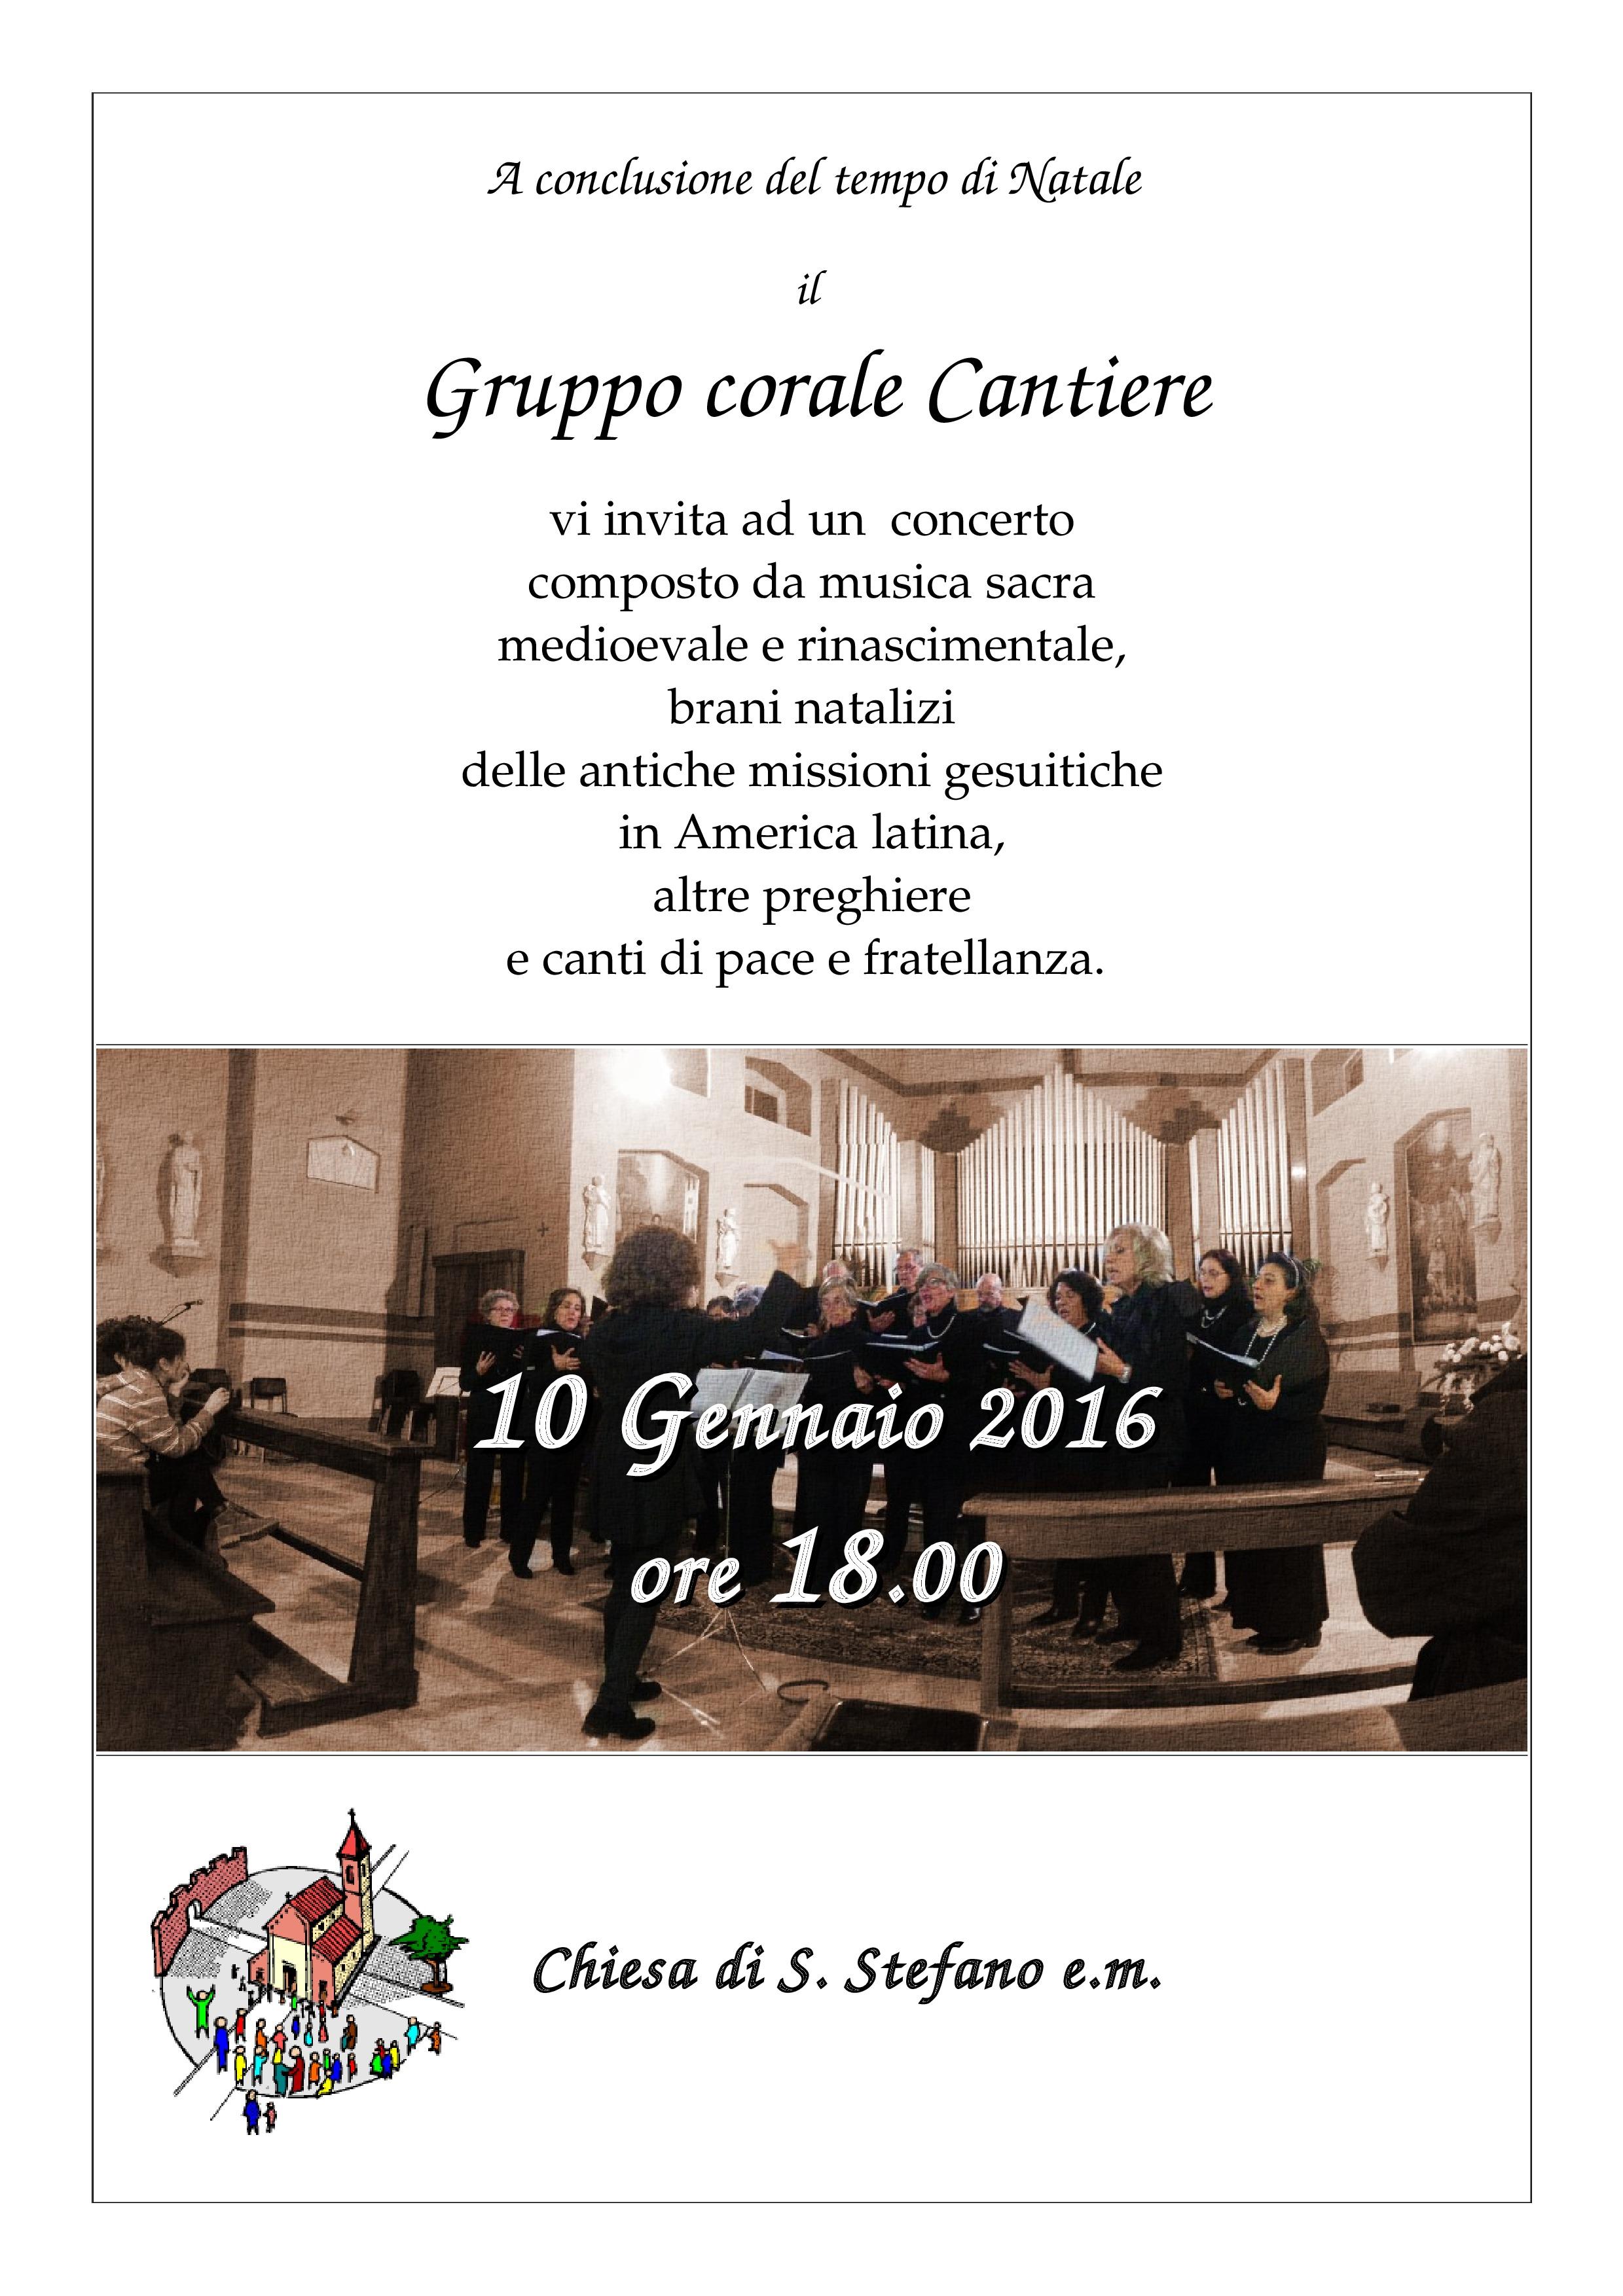 Concerto del Gruppo corale Cantiere